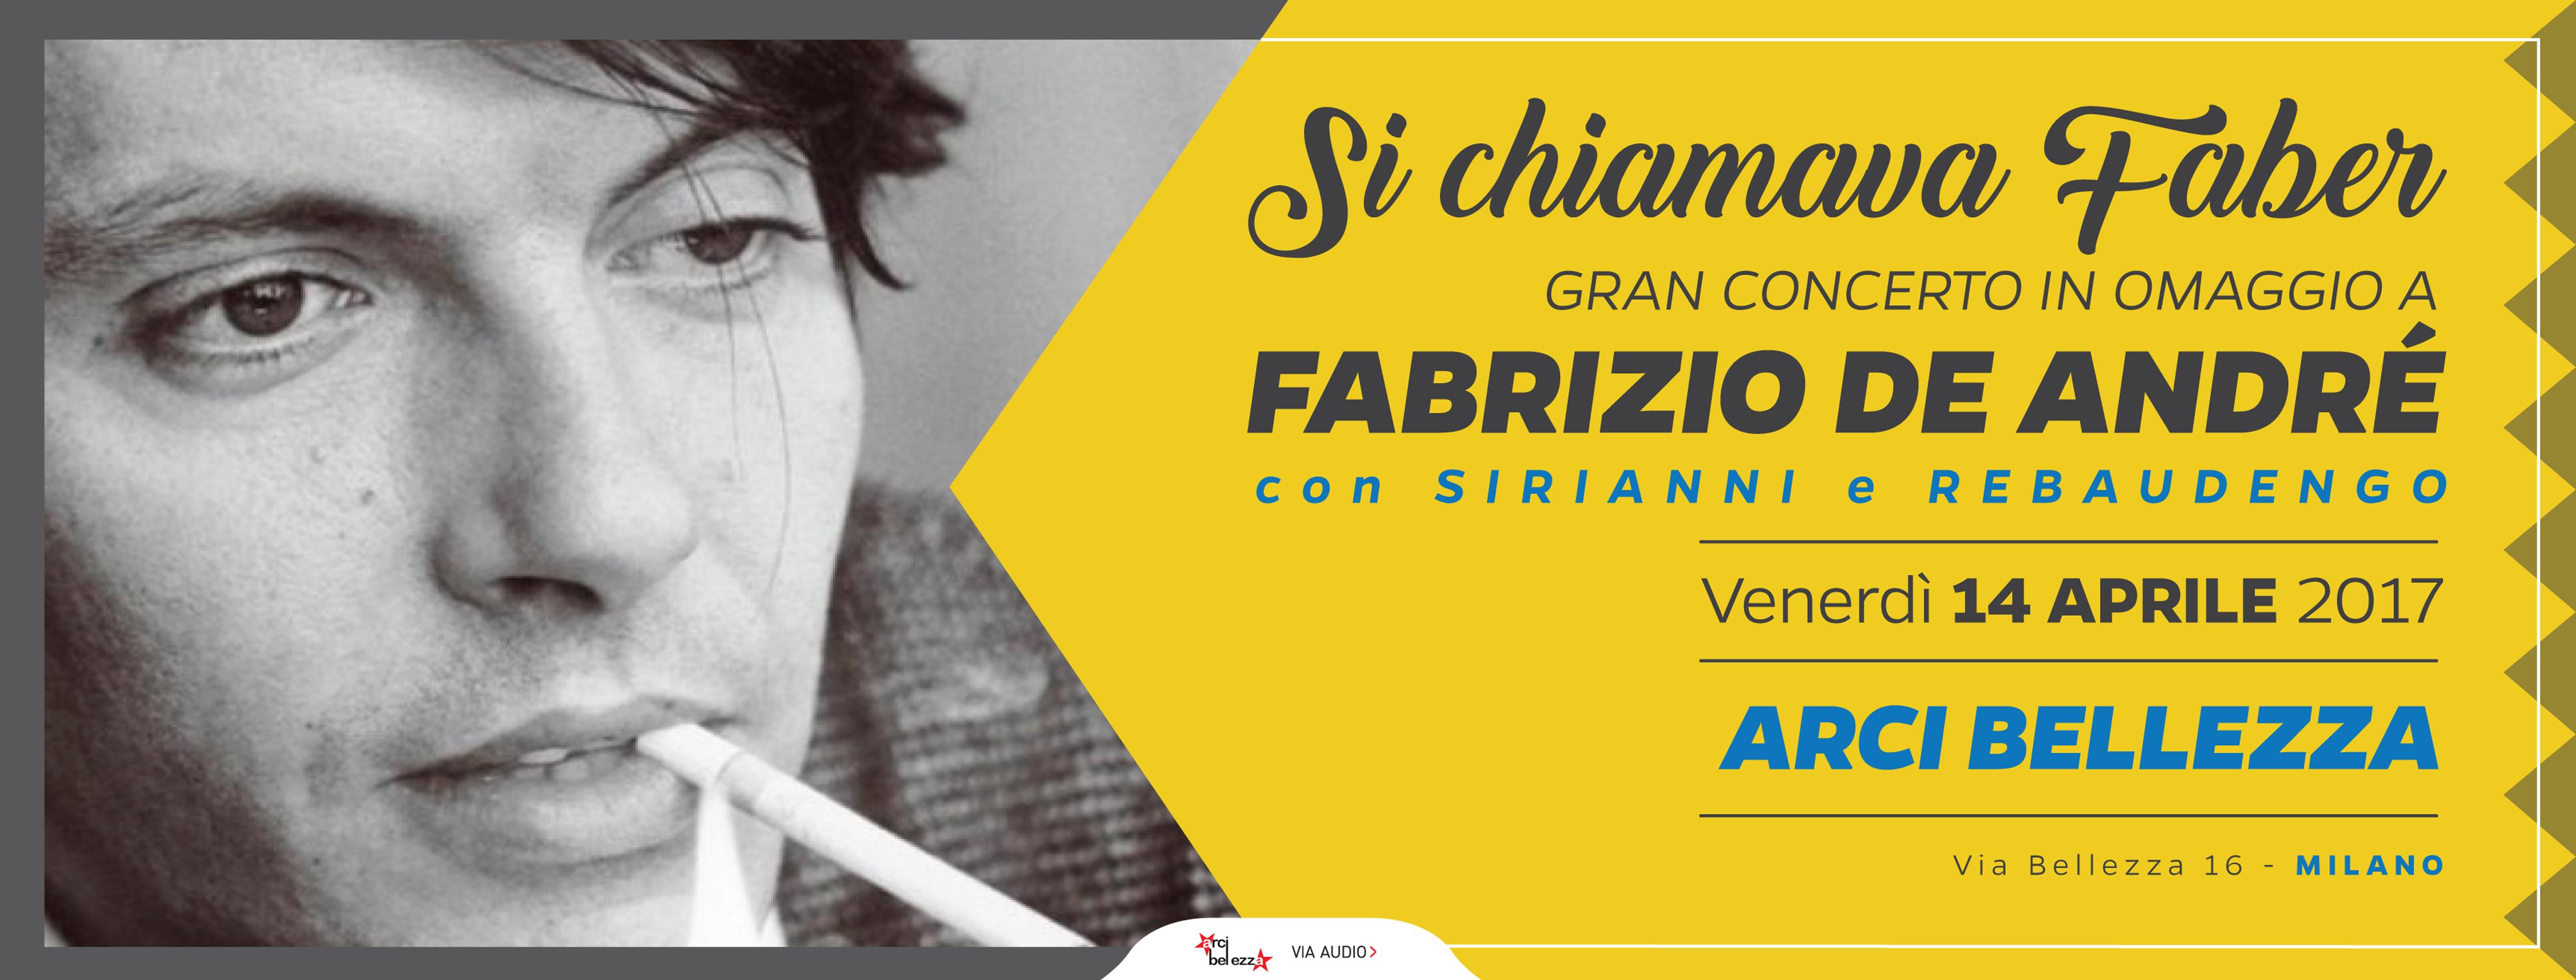 Fabrizio De Andrè ad Arci Bellezza